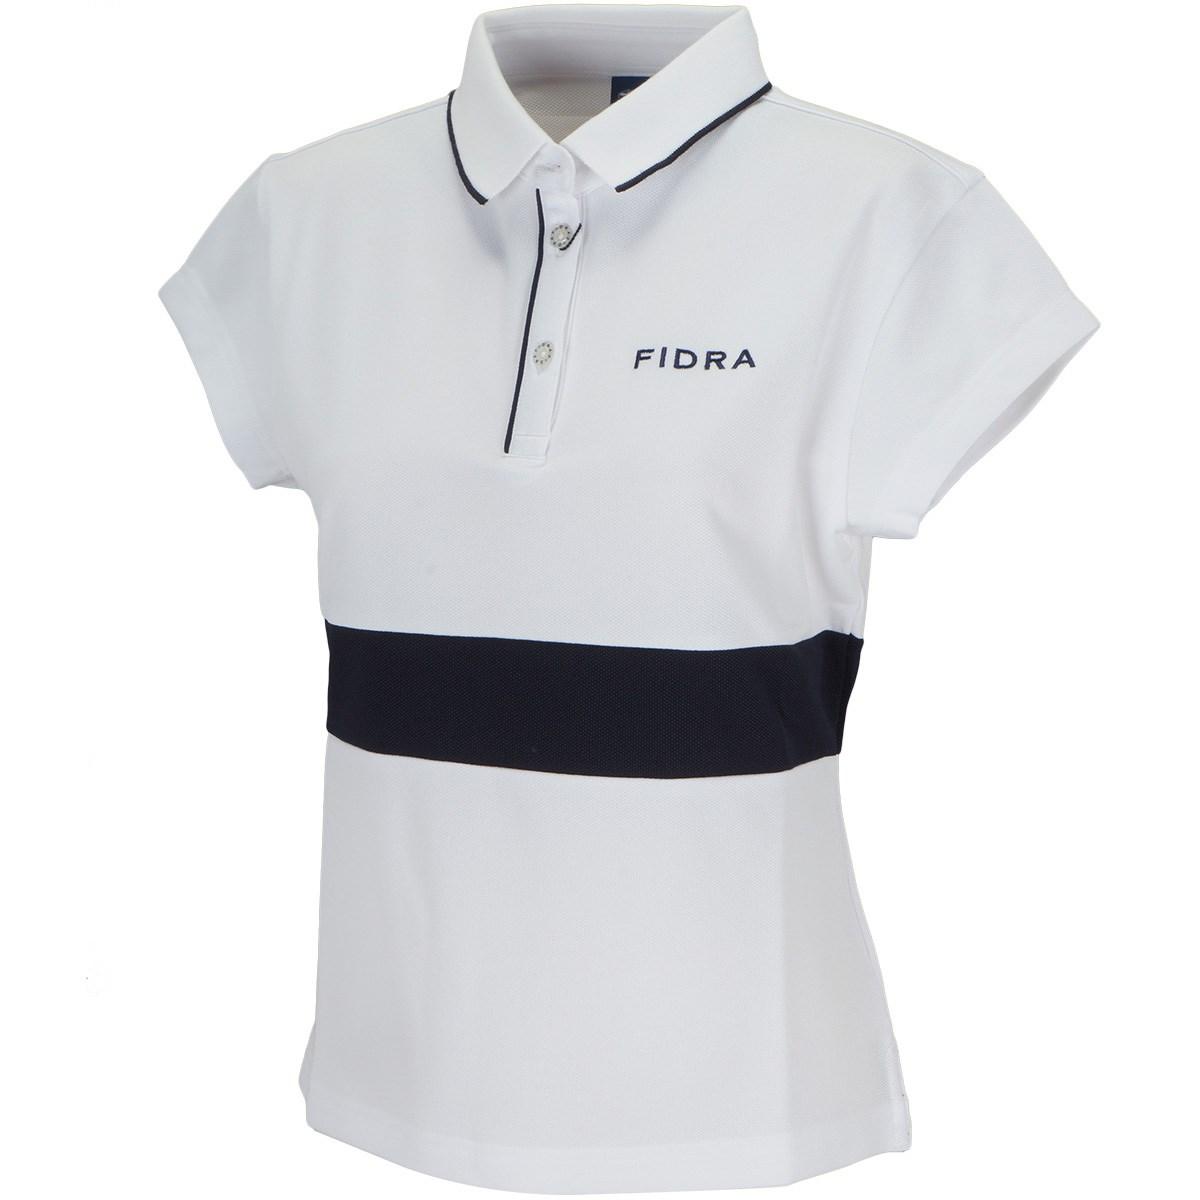 フィドラ FIDRA ボーダー 半袖ポロシャツ S ホワイト レディス